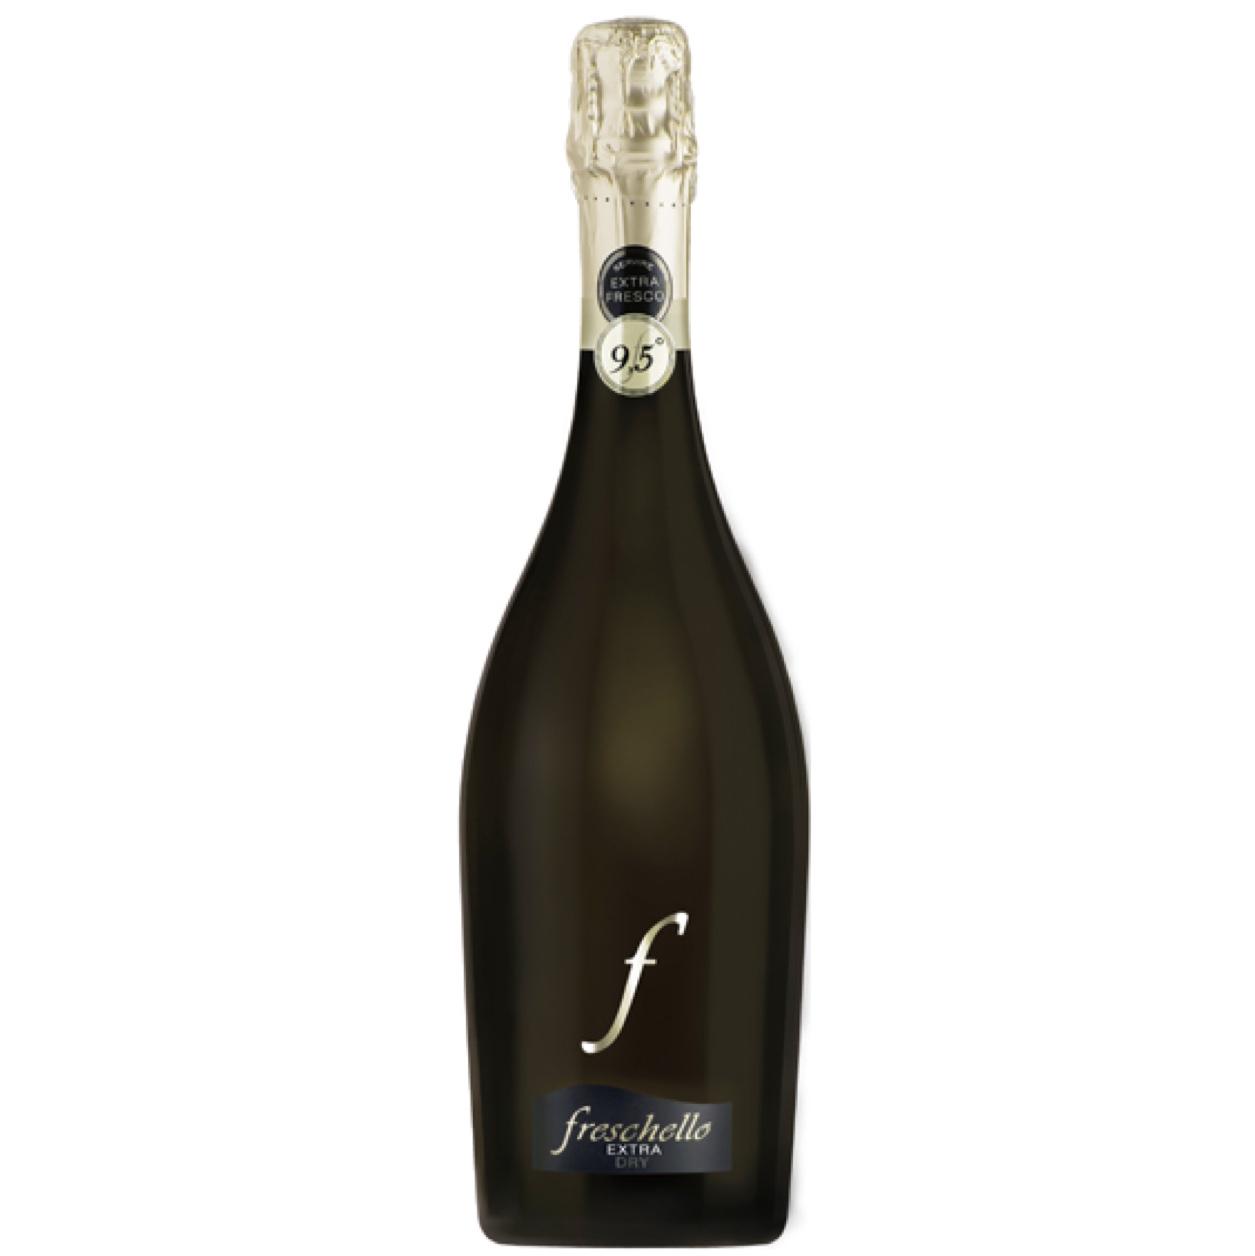 Freschello-extra-dry-spumante-wijnvanons